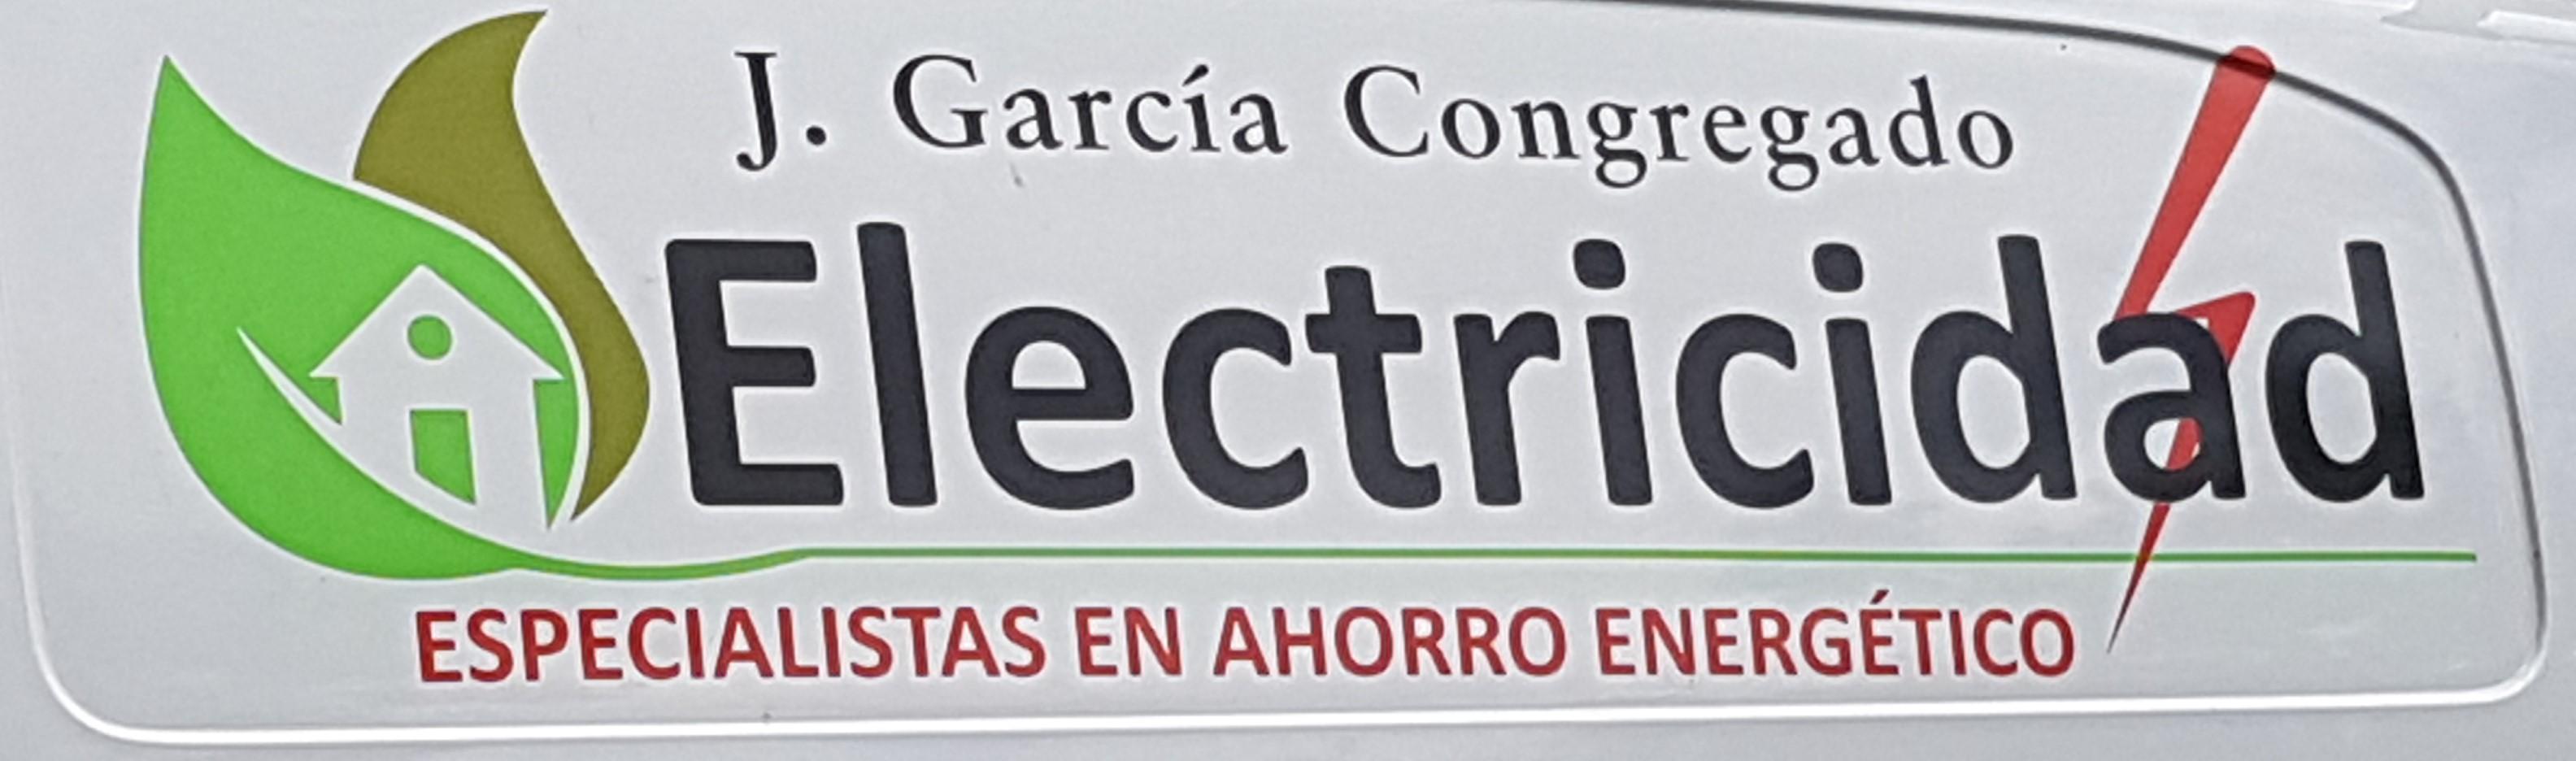 Electricidad Garcia Congregado